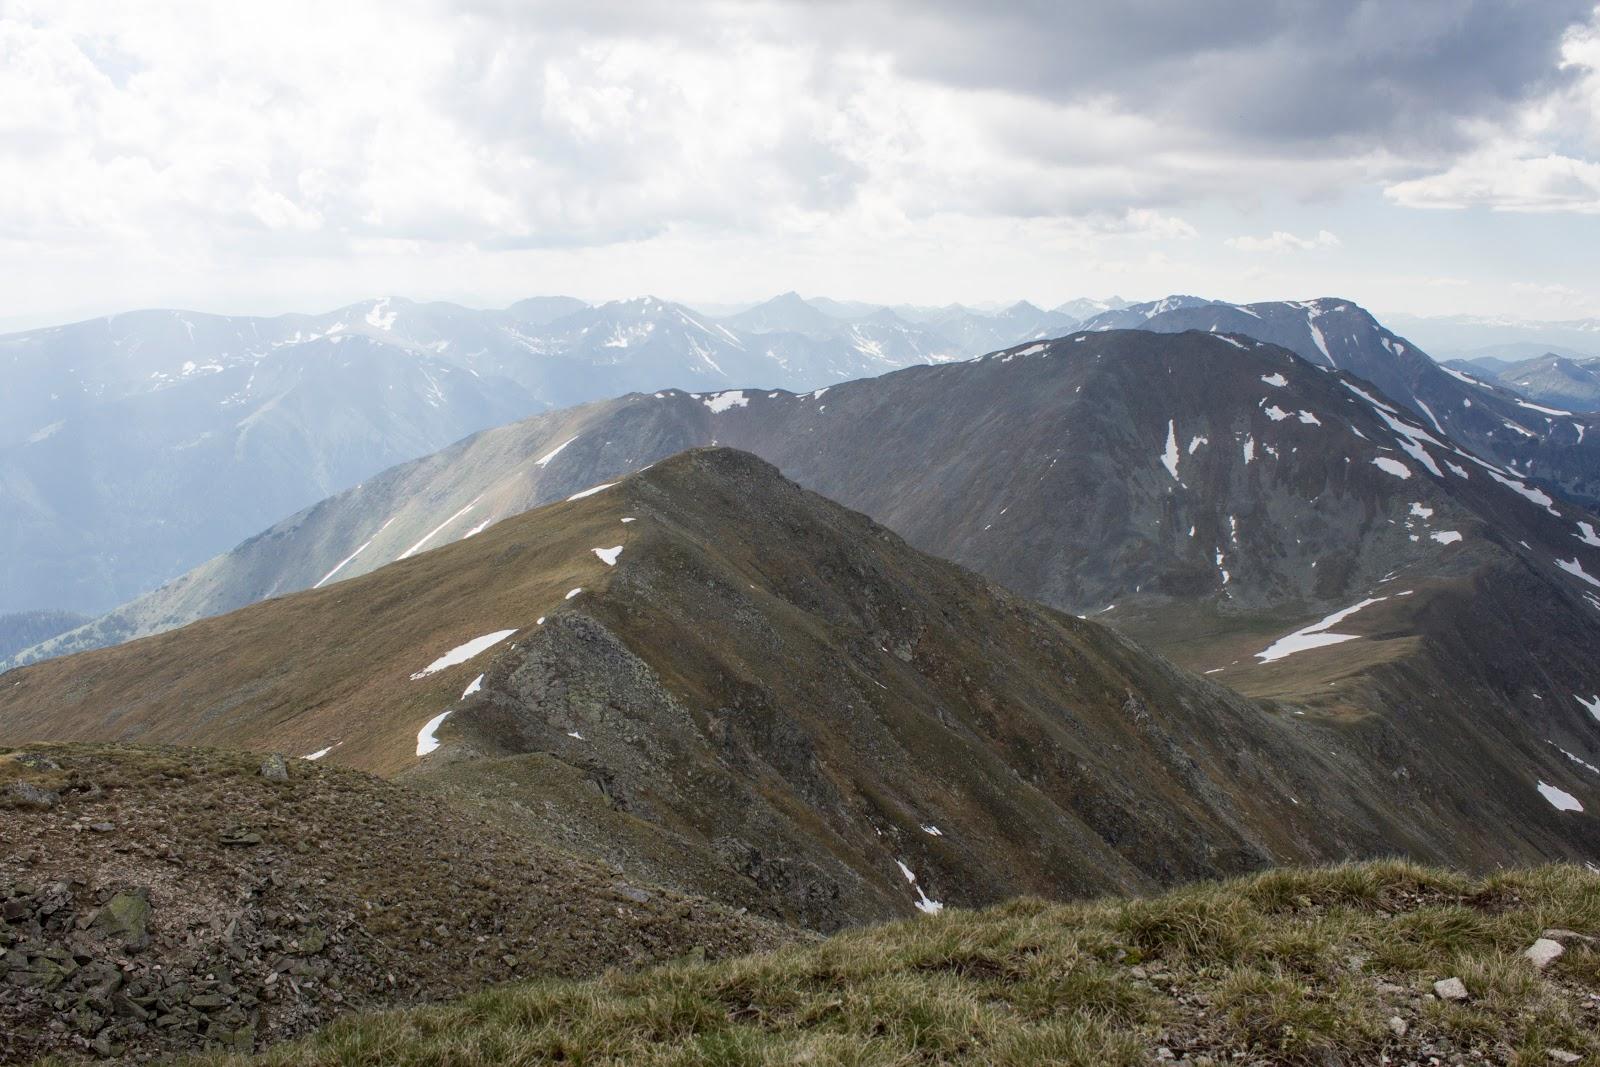 Blick vom Seckauer Zinken - Von der Unteren Bodenhütte über den Hämmerkogel zum Seckauer Zinken - mittelschwere Wanderung in den Niederen Tauern